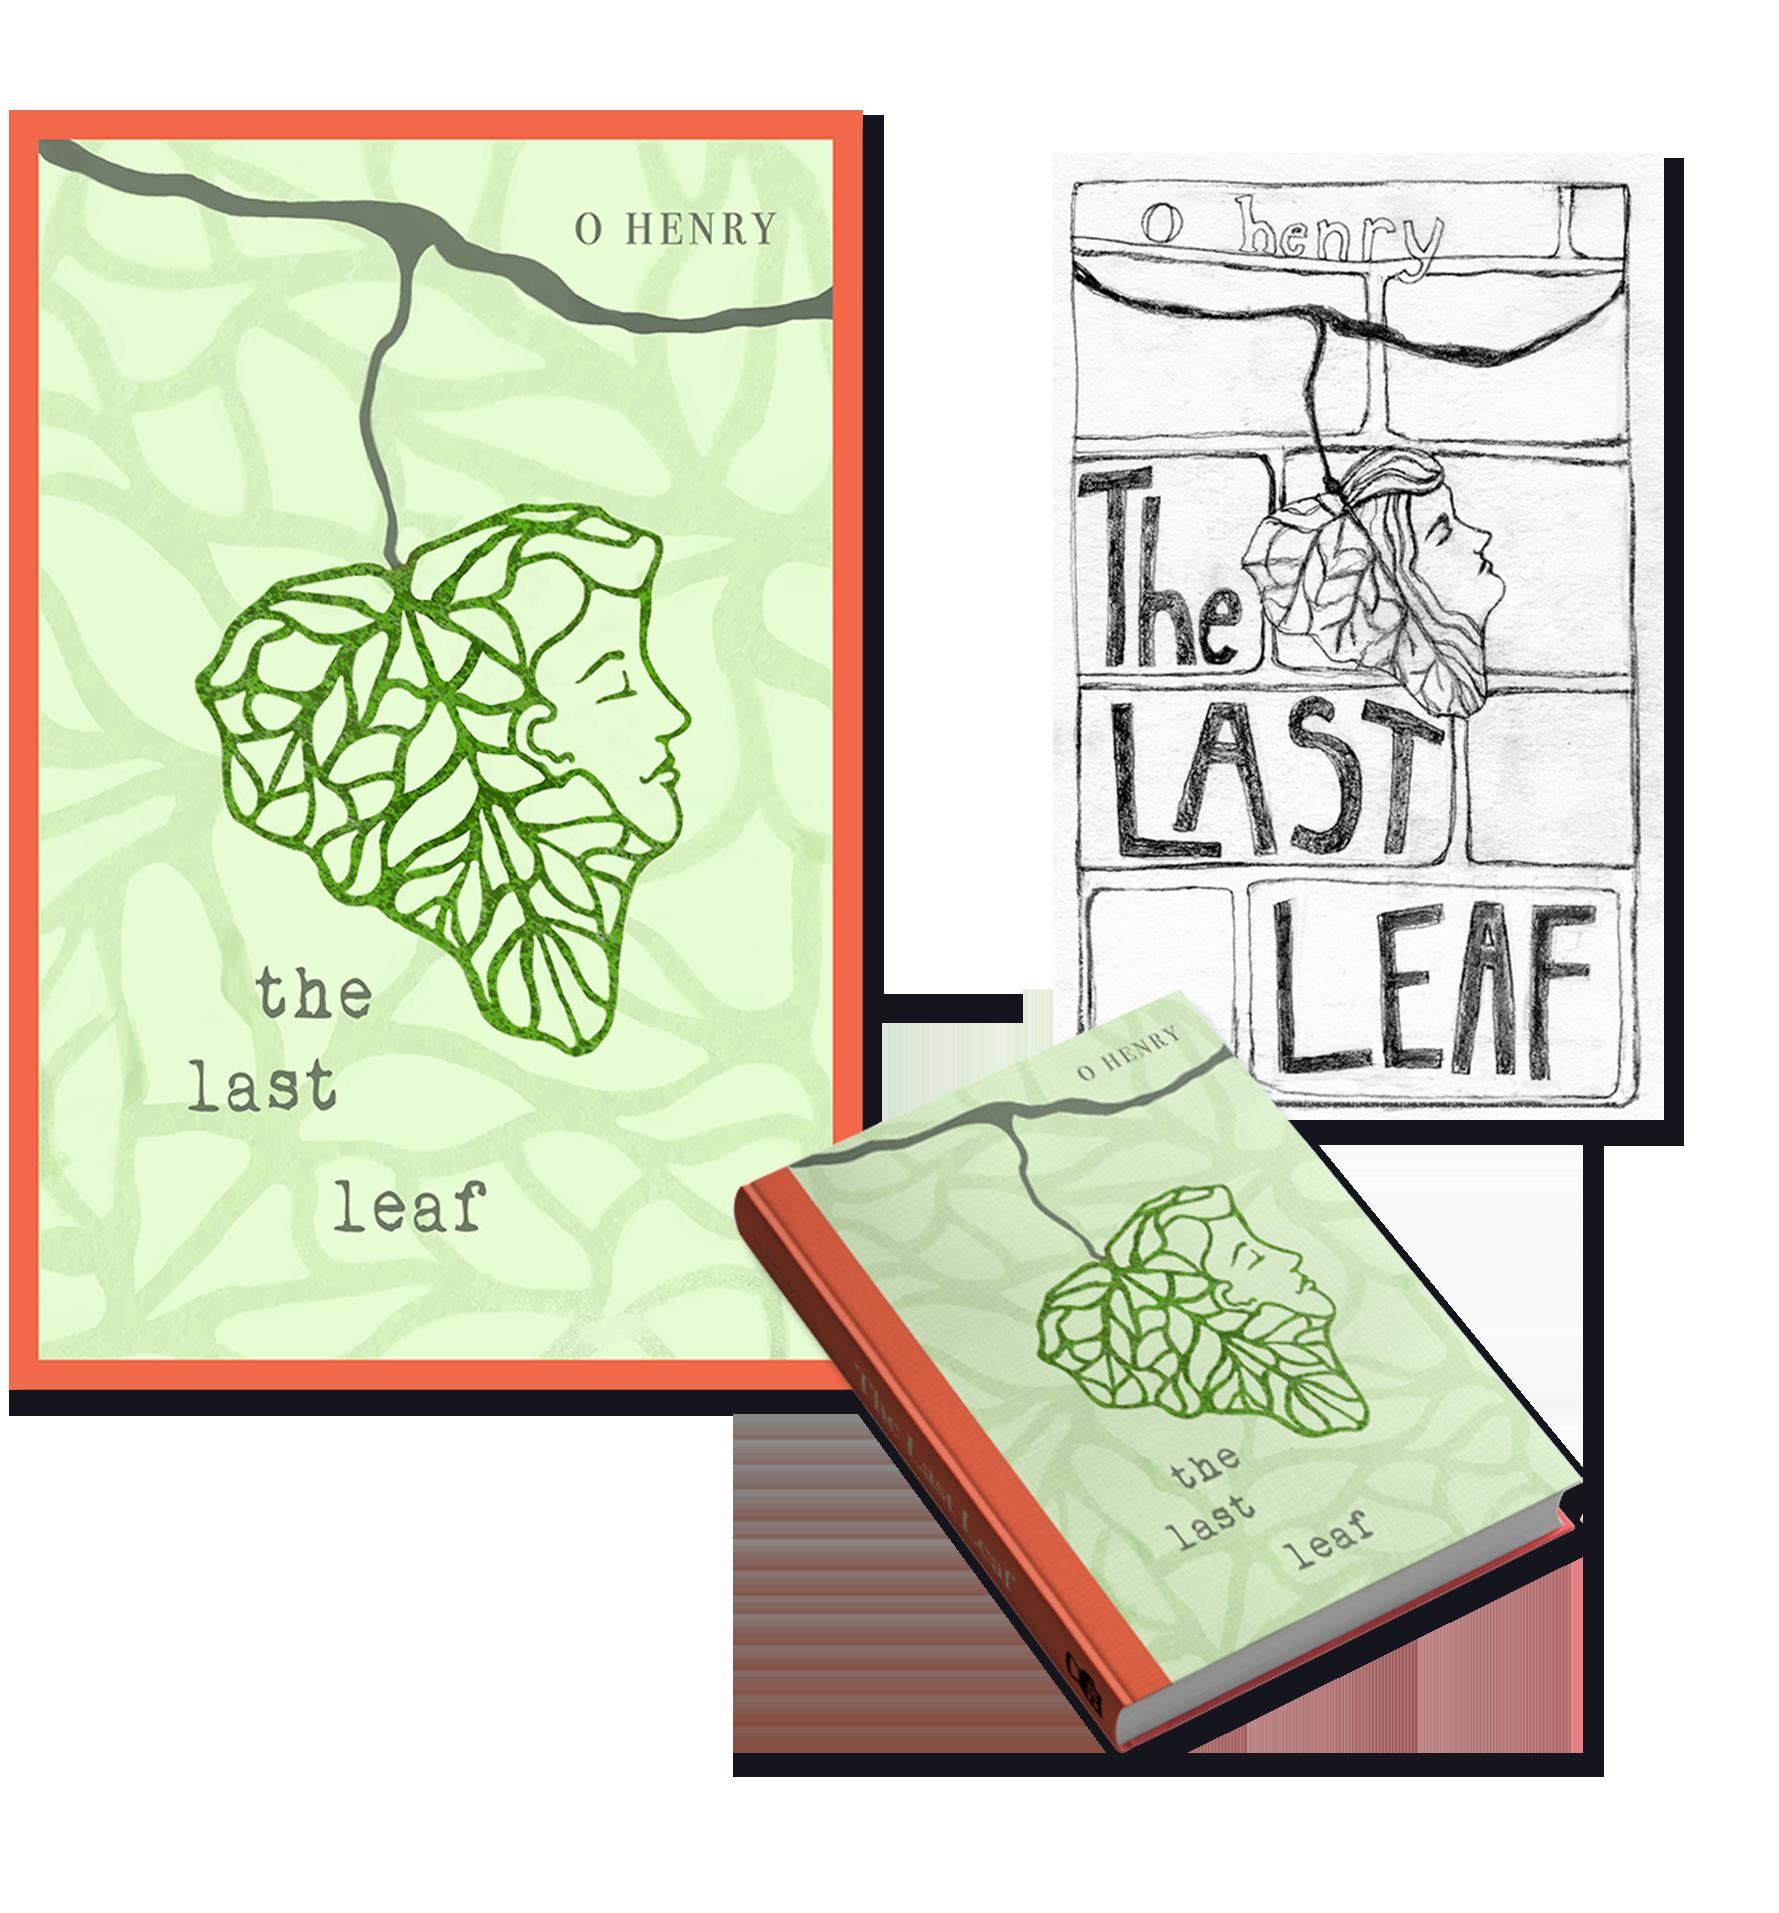 Last-leaf CW.png